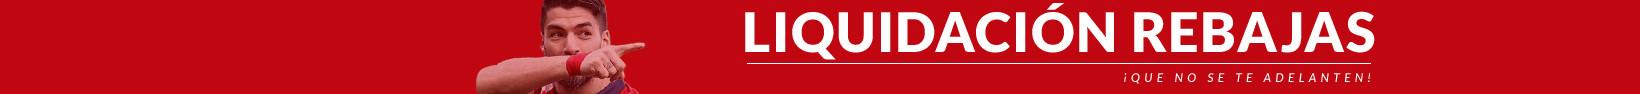 liquidacion_rebajas_barrita_Es.jpg